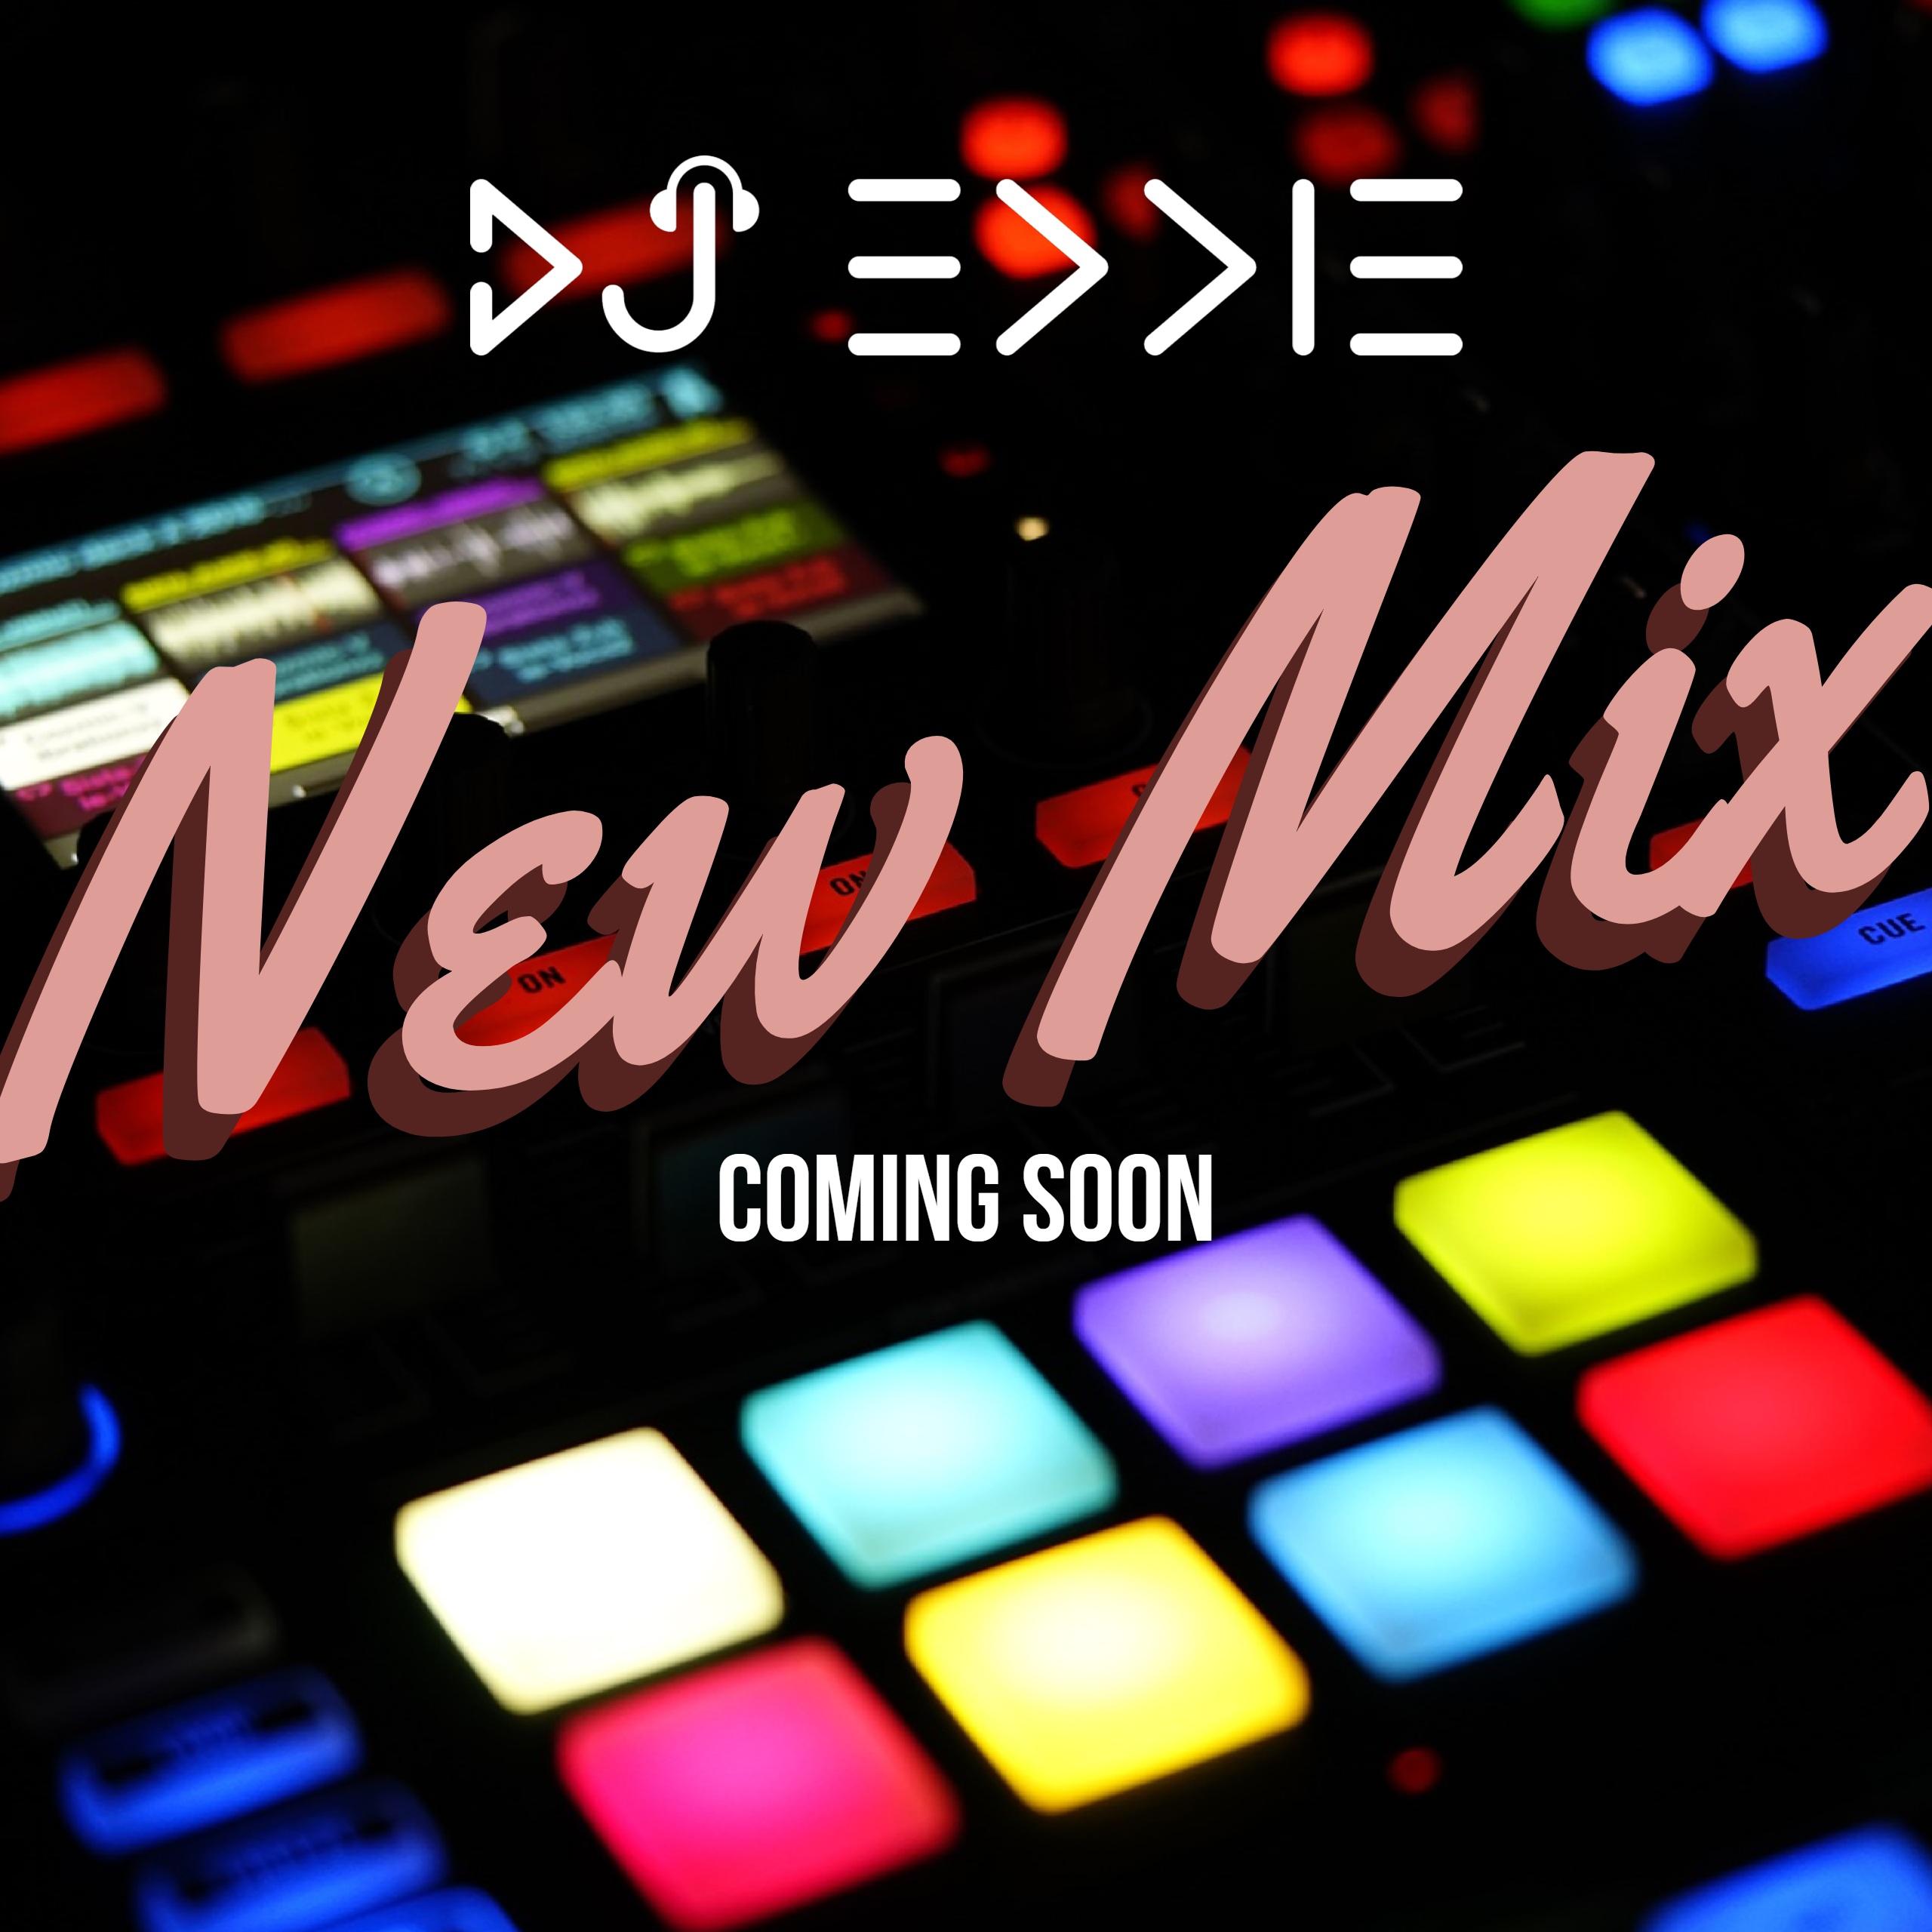 DJ Eddie New Mix Coming Soon